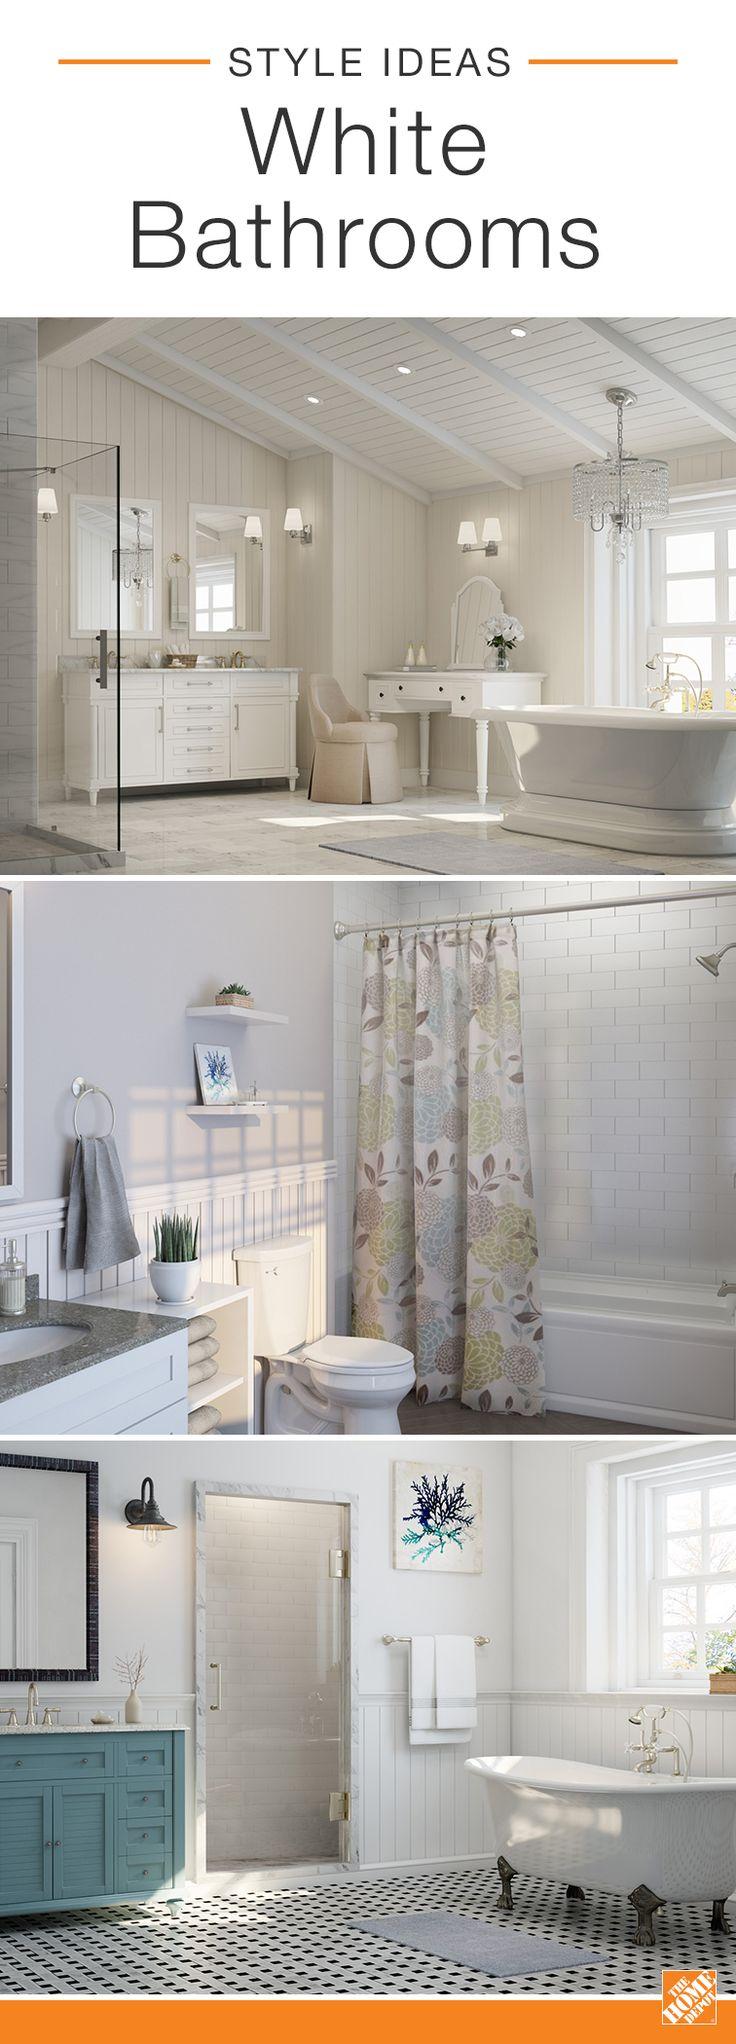 6 Untraditional shower caddies, playful designs for unique decors